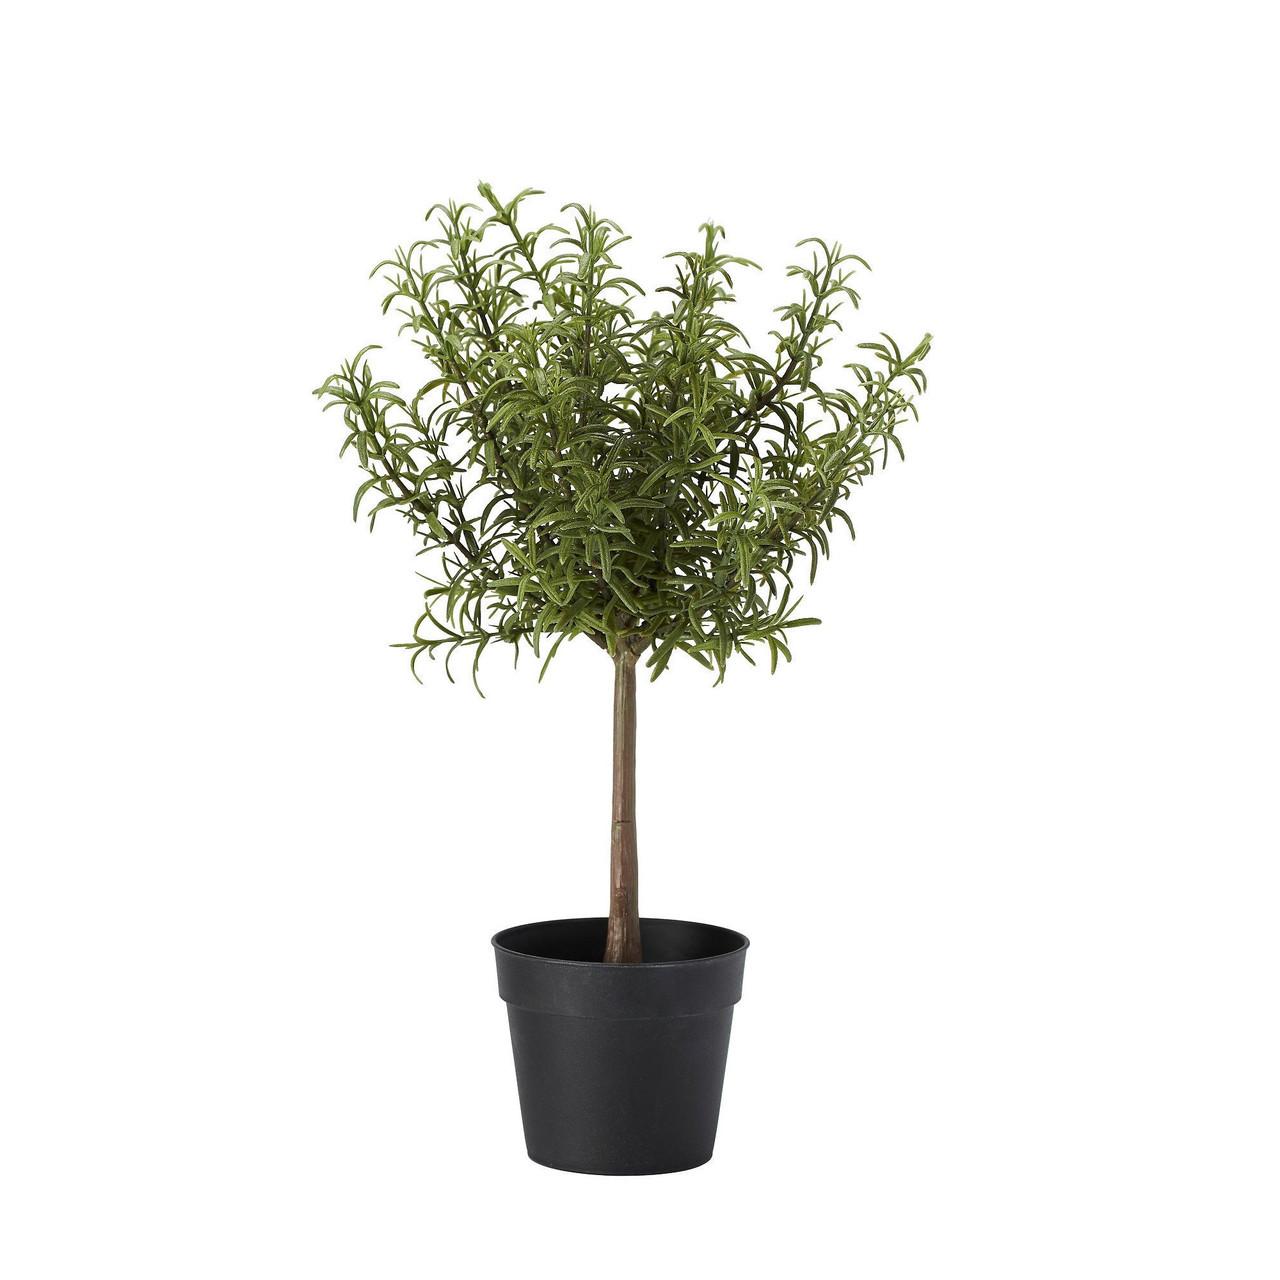 ФЕЙКА Искусственное растение в горшке, трава, стебель, 9 см, 40258333, ИКЕА, IKEA, FEJKA